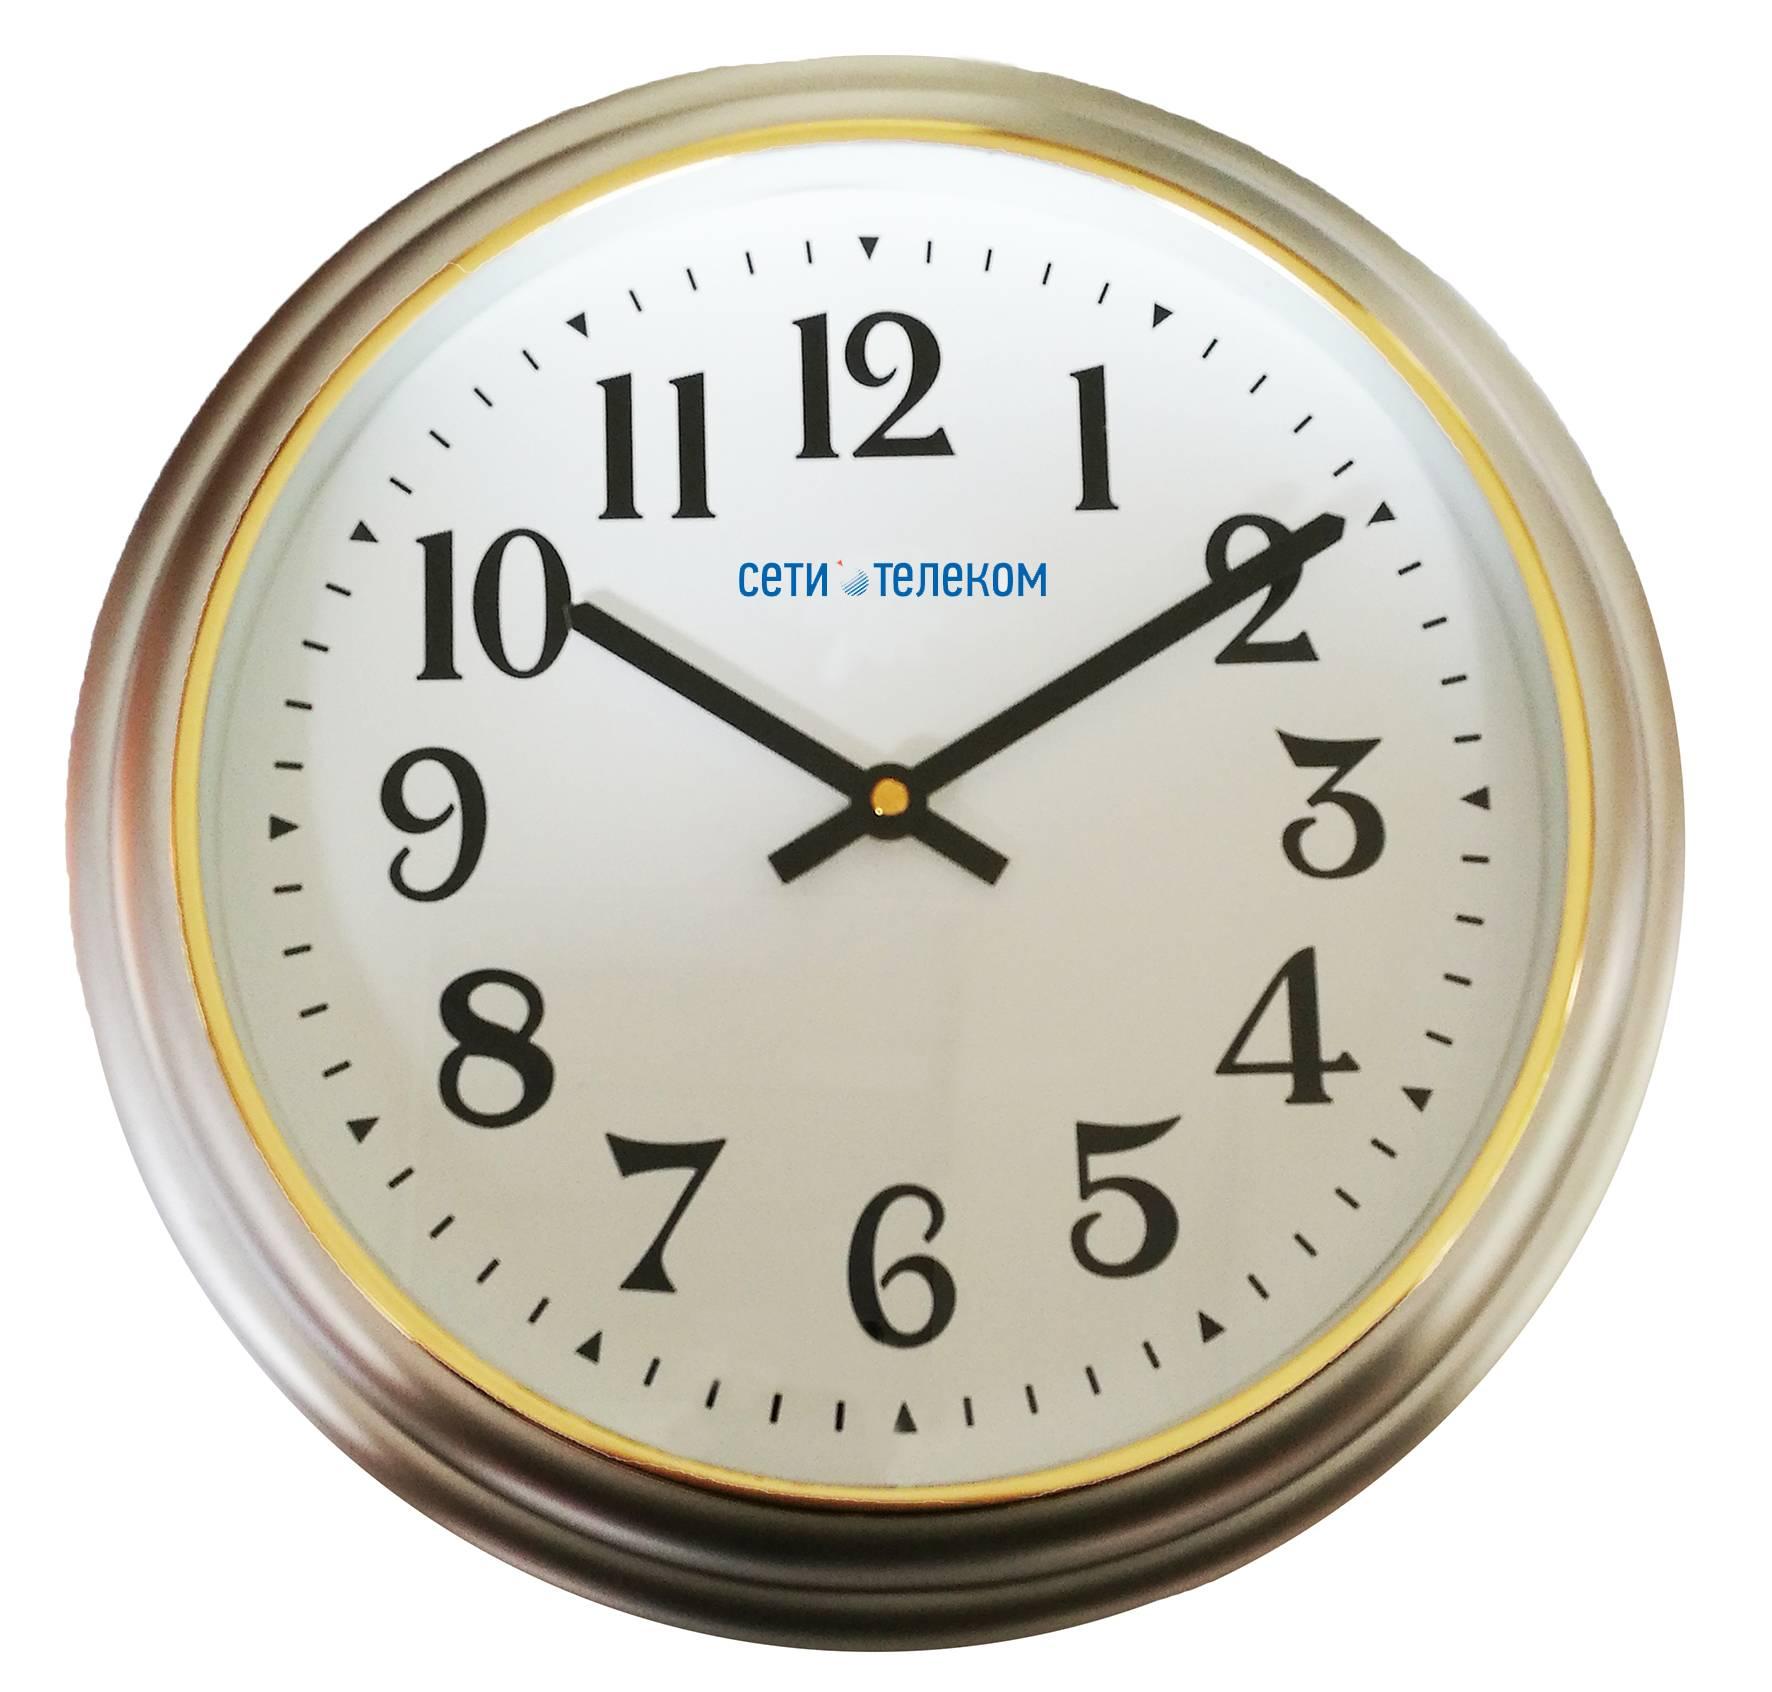 Купить часы вторичные стрелочные часы rst купить